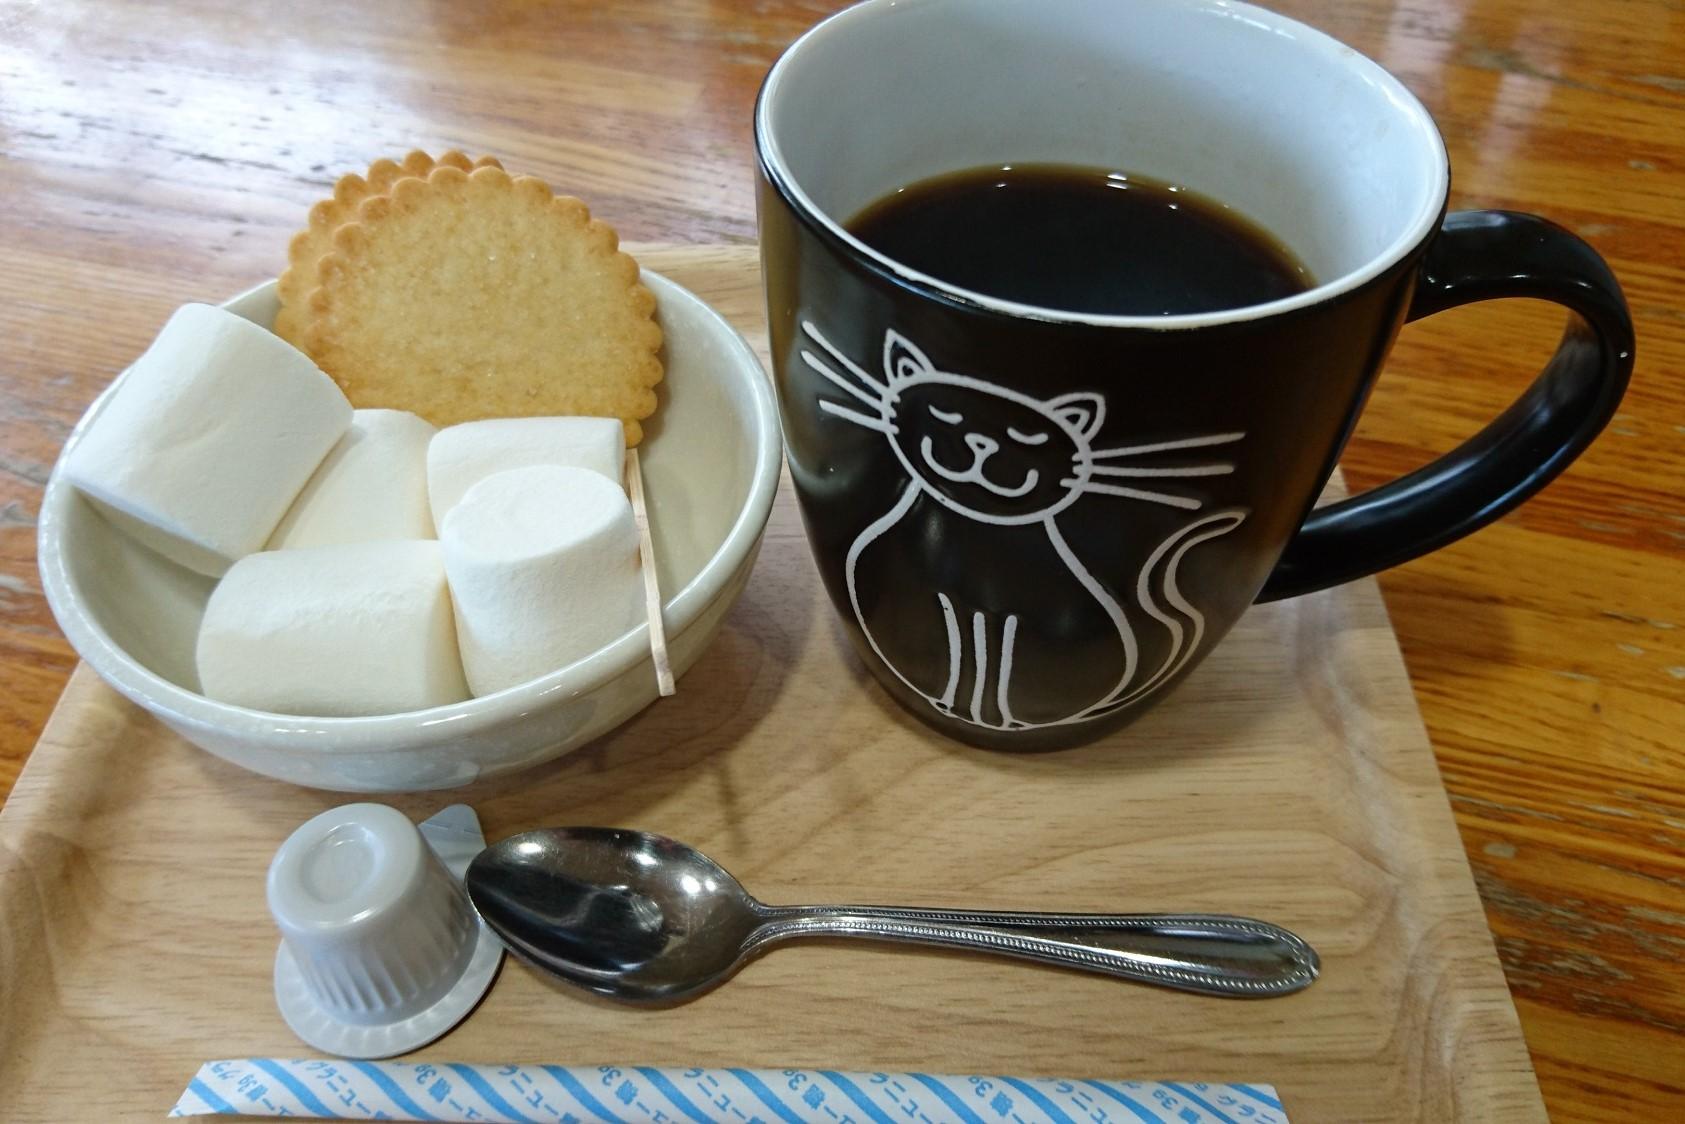 マシュマロ コーヒー